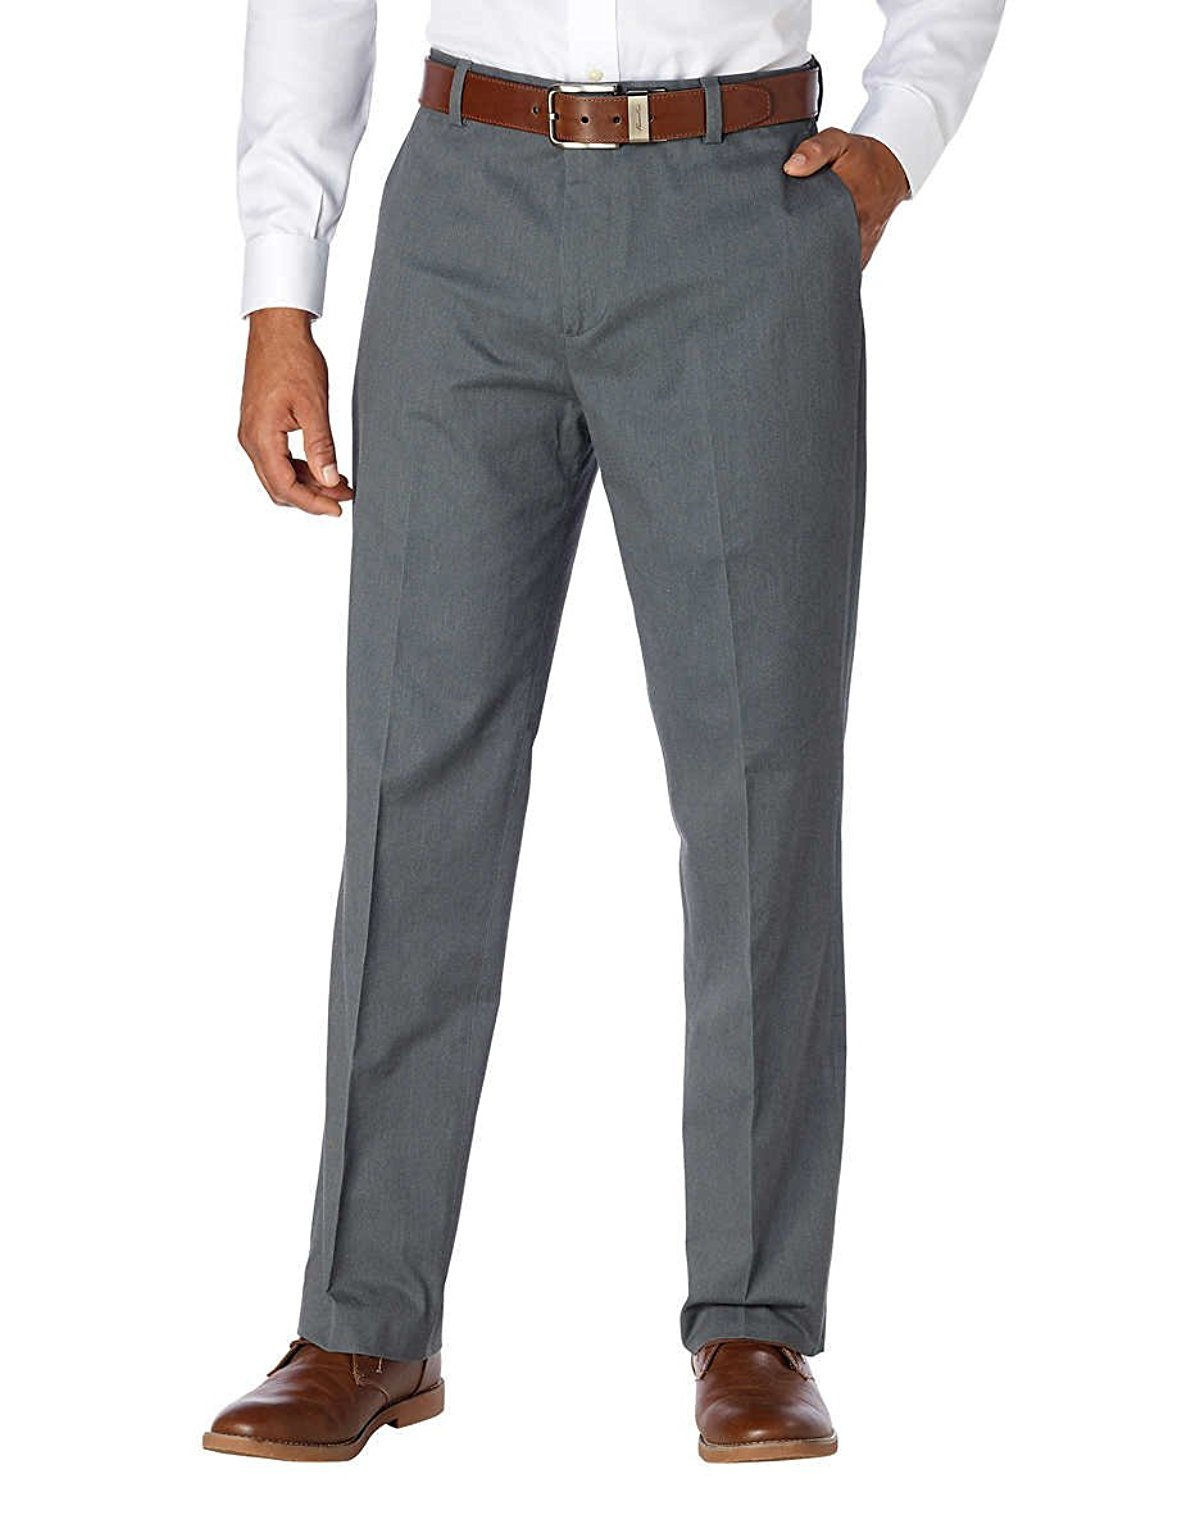 Kirkland Signature Men's Non-Iron Comfort Pant (Grey, 38 x 30)